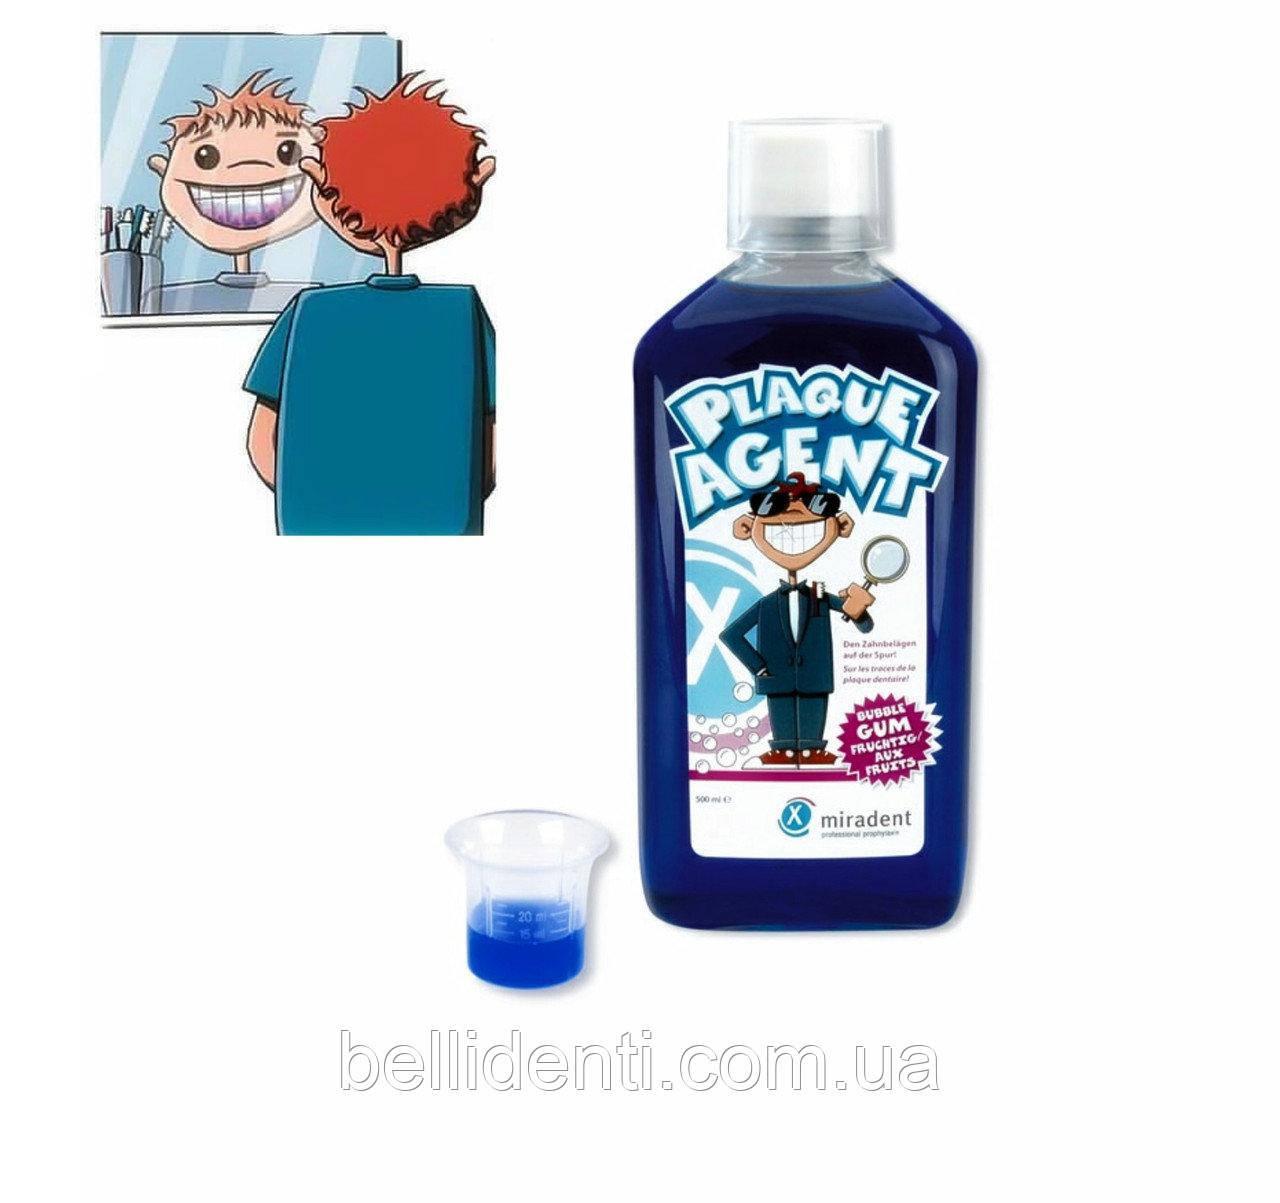 Жидкость для выявления зубного налета Plaque Agent, 500 мл.